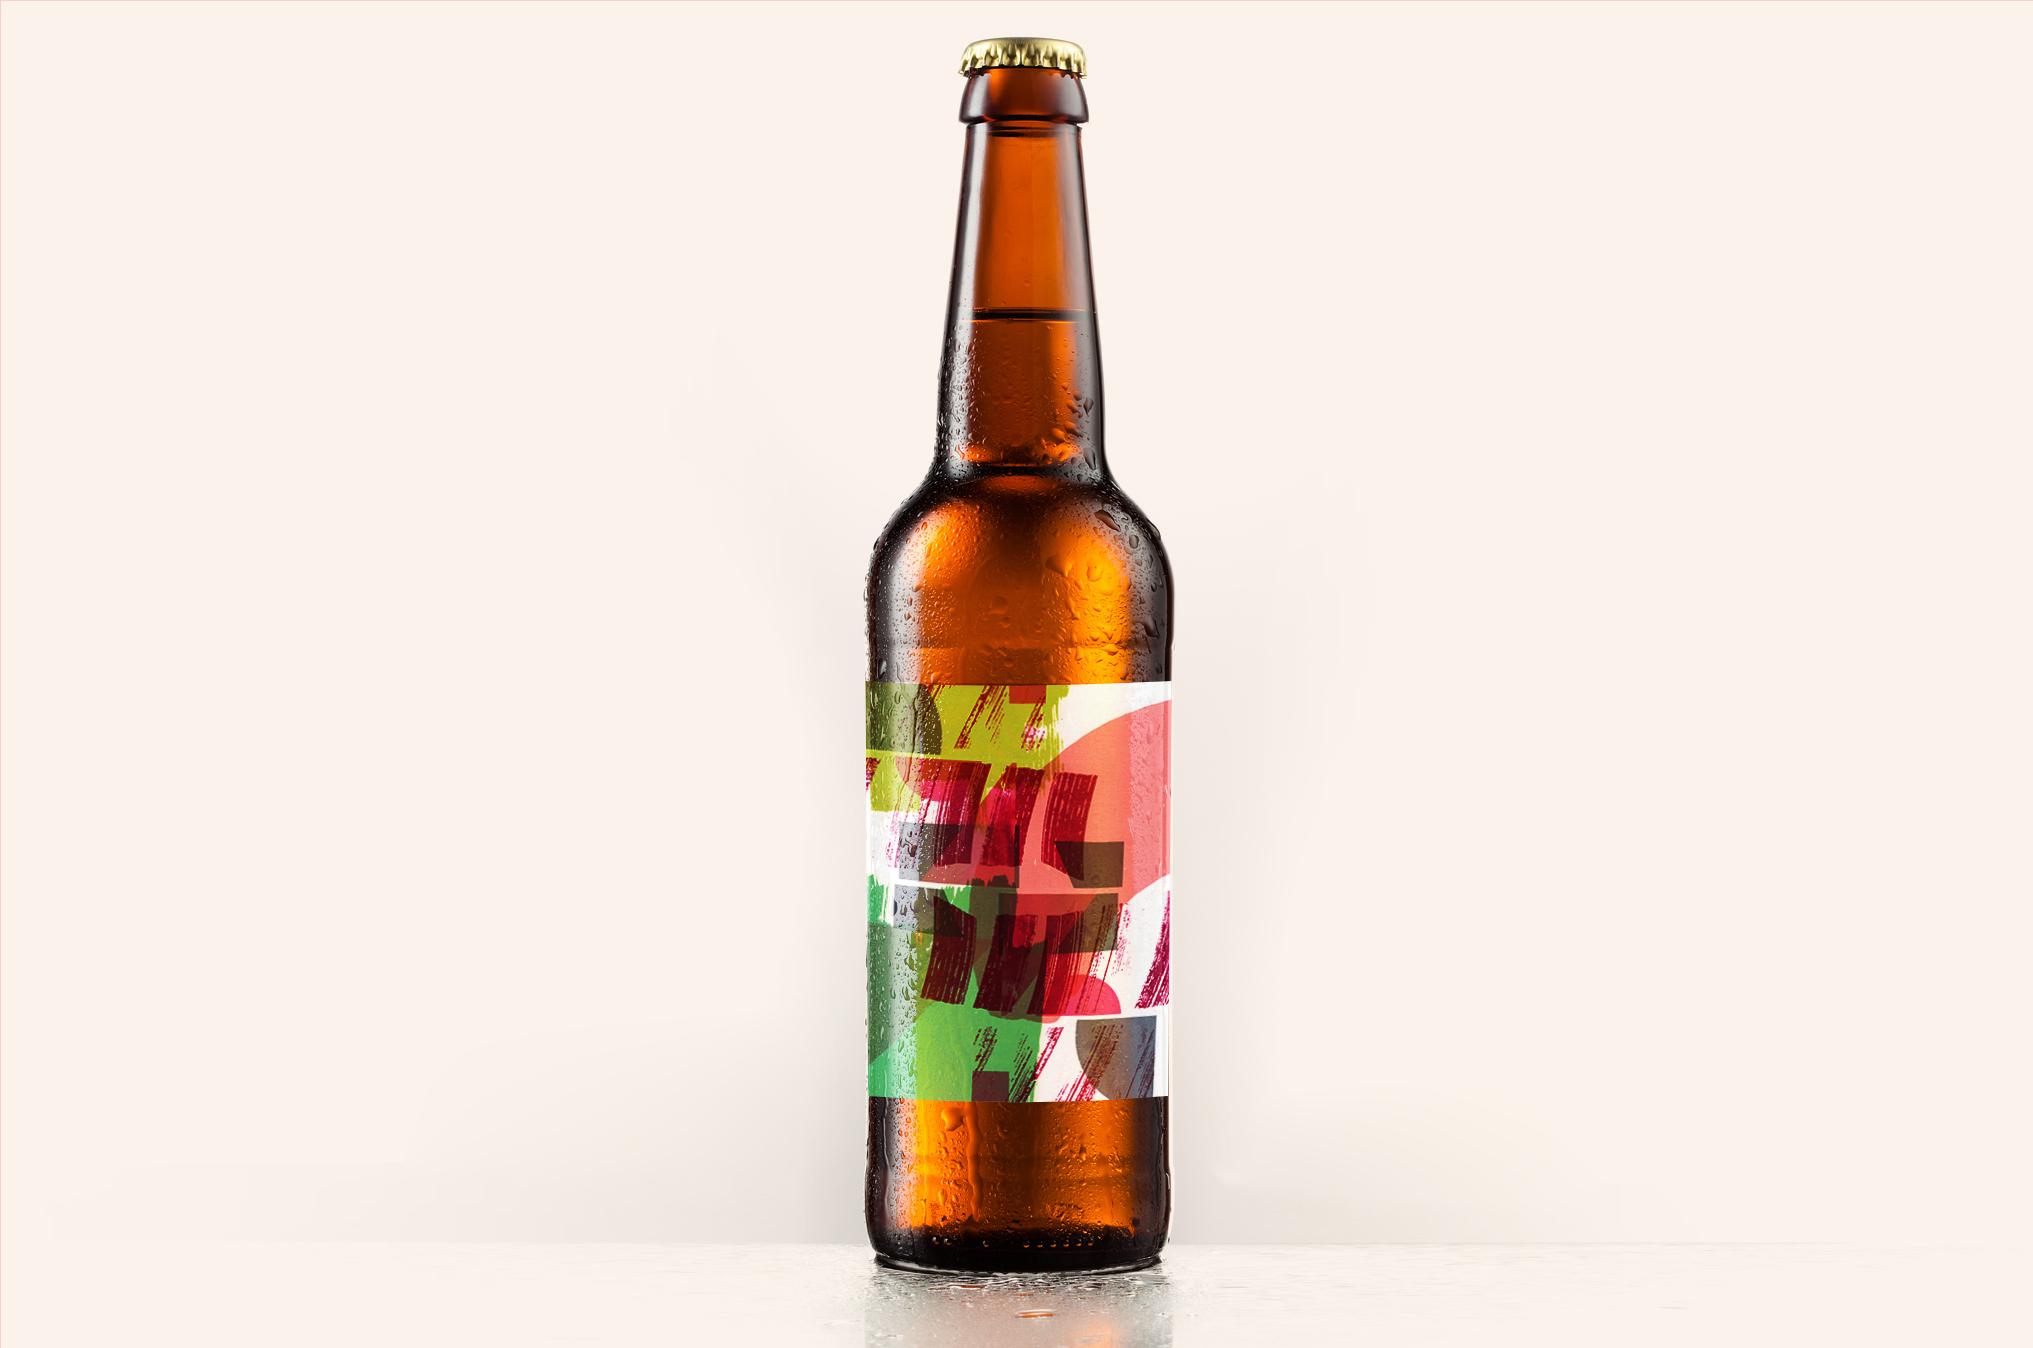 Beer label no name 1.jpg